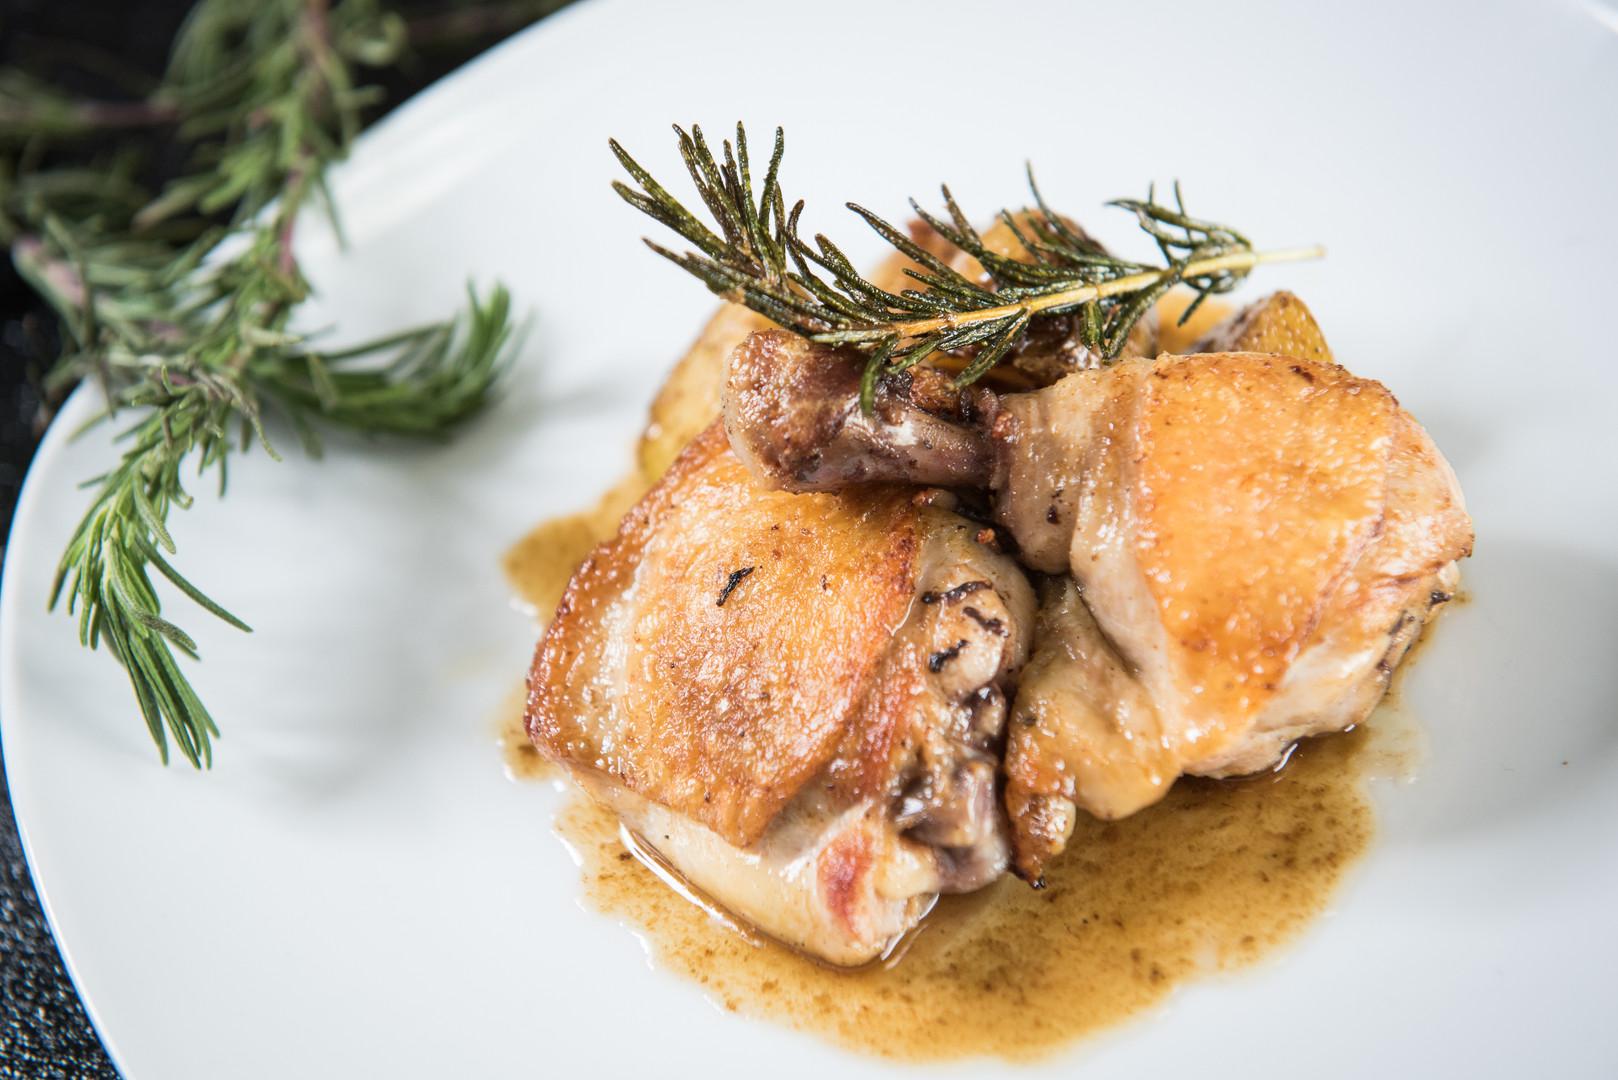 骨付き鶏モモ肉のソテー